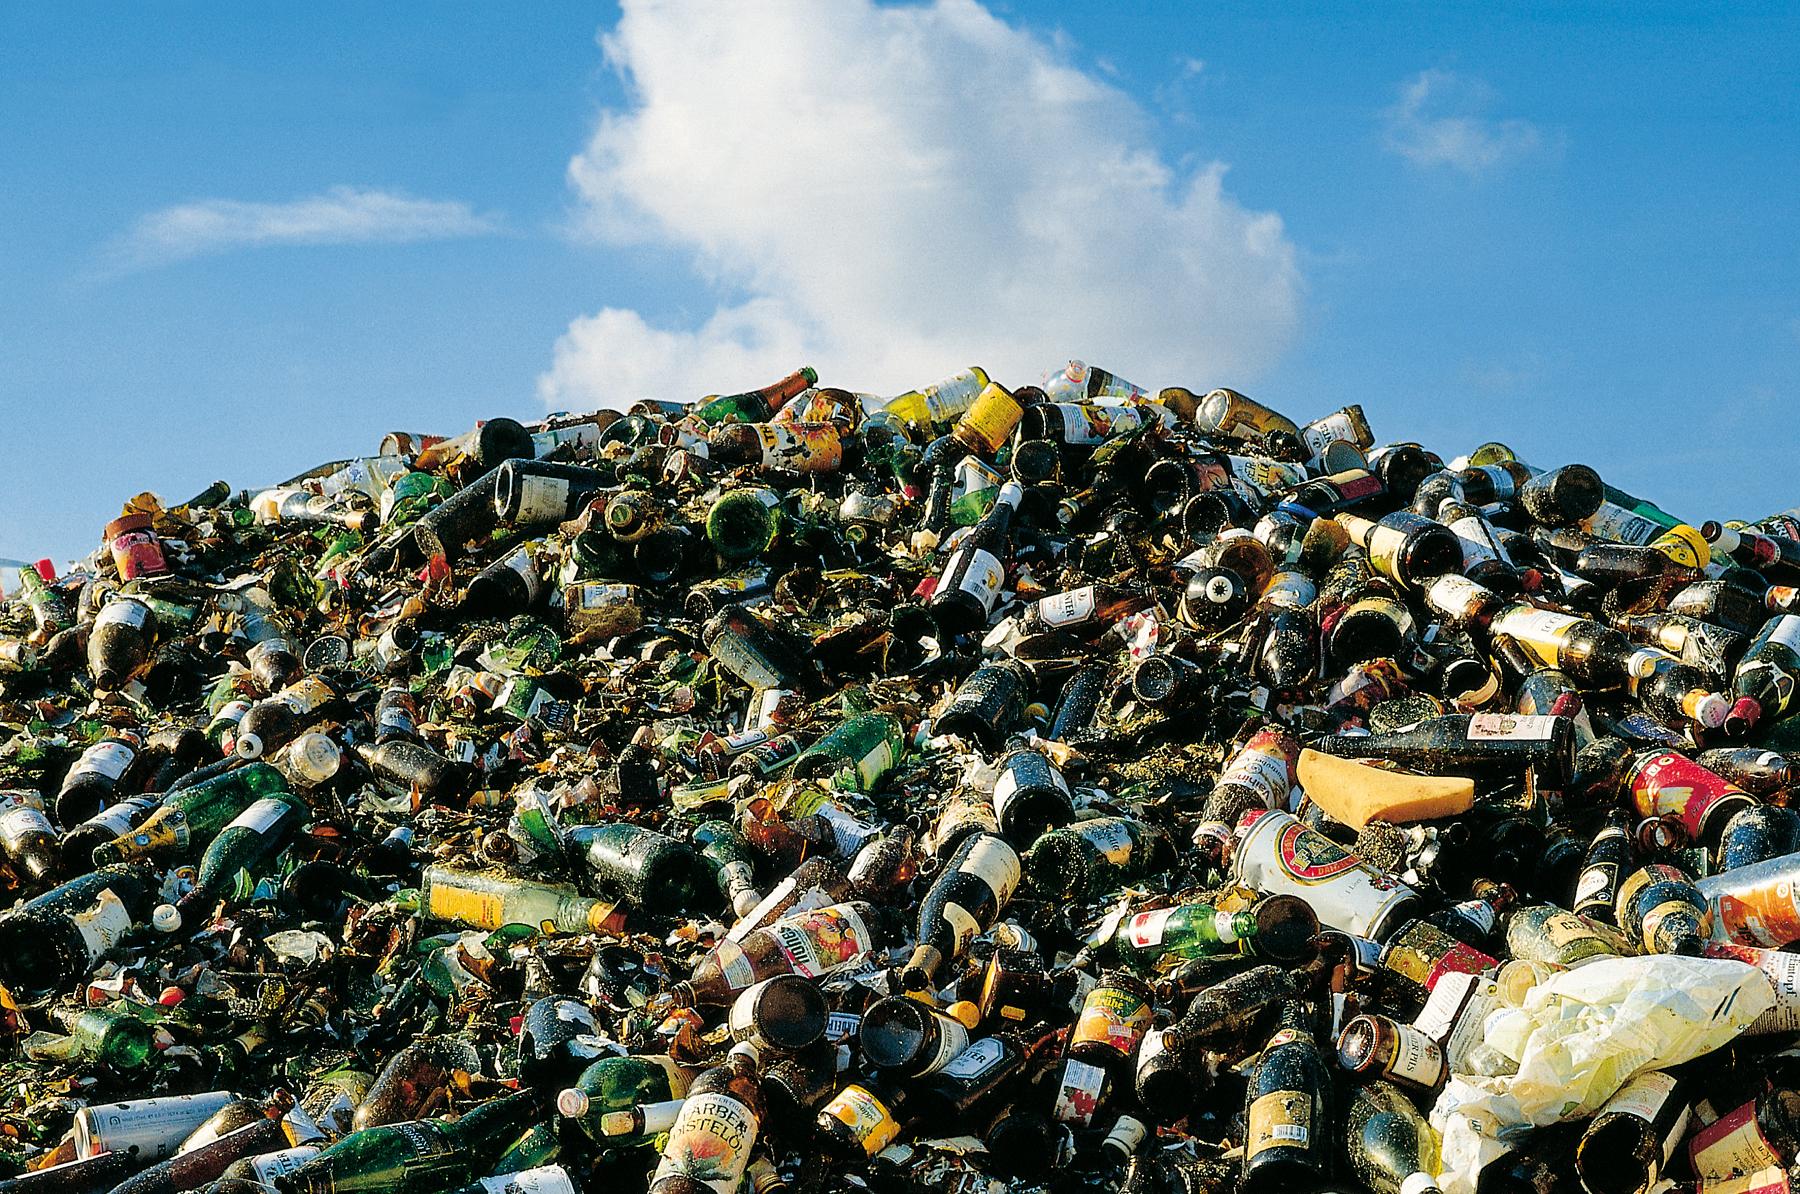 Neuer Umgang mit Abfall in Europa | Umweltbundesamt